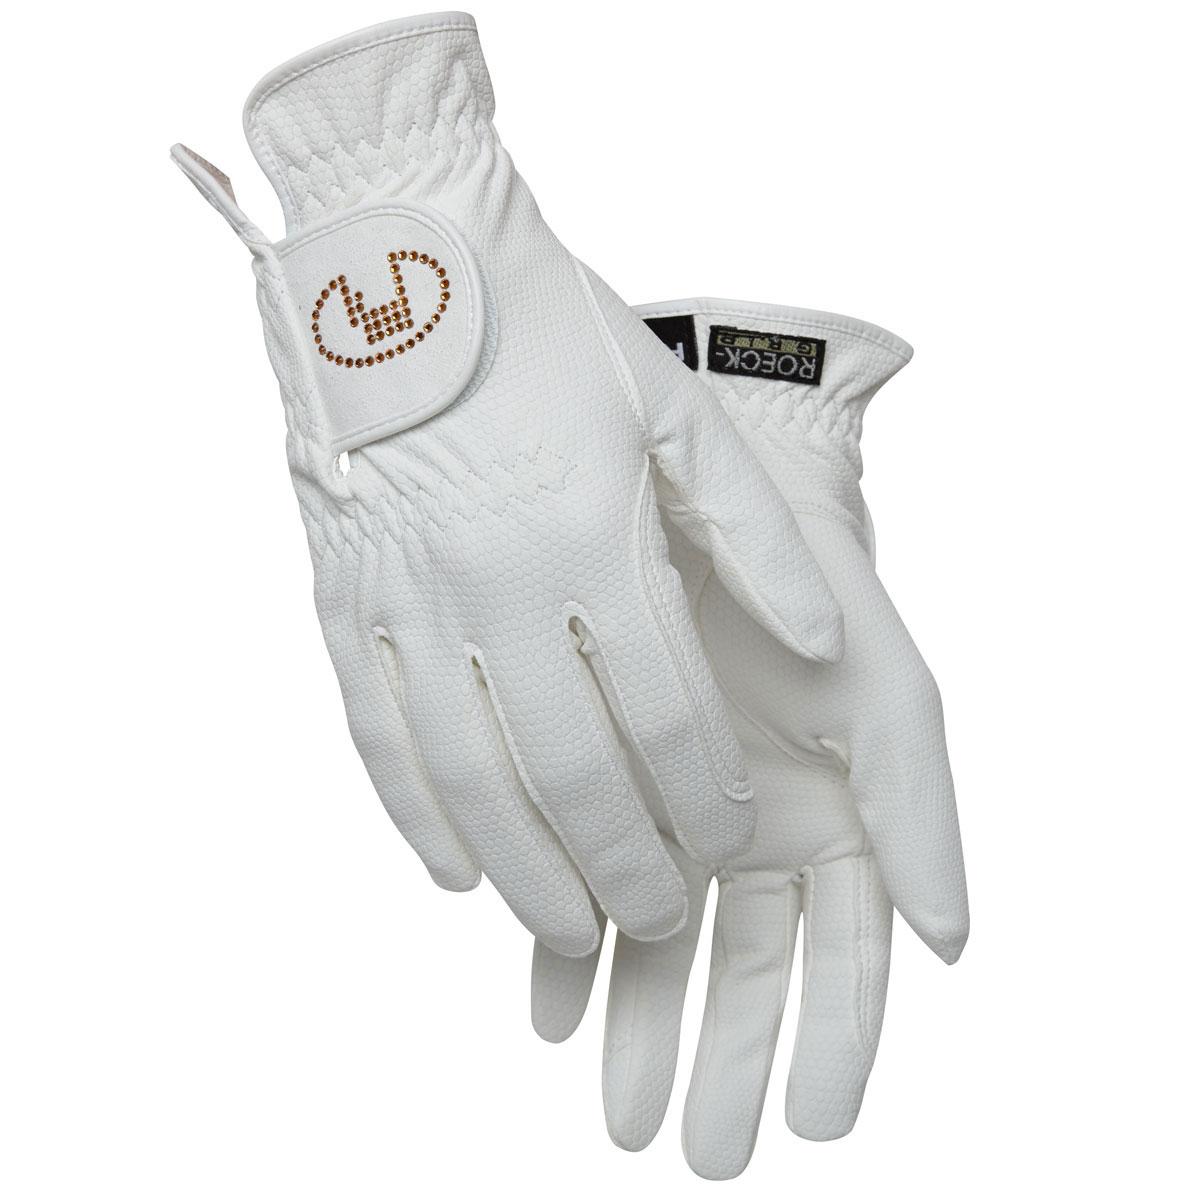 Roeckl Bling Chester Gloves